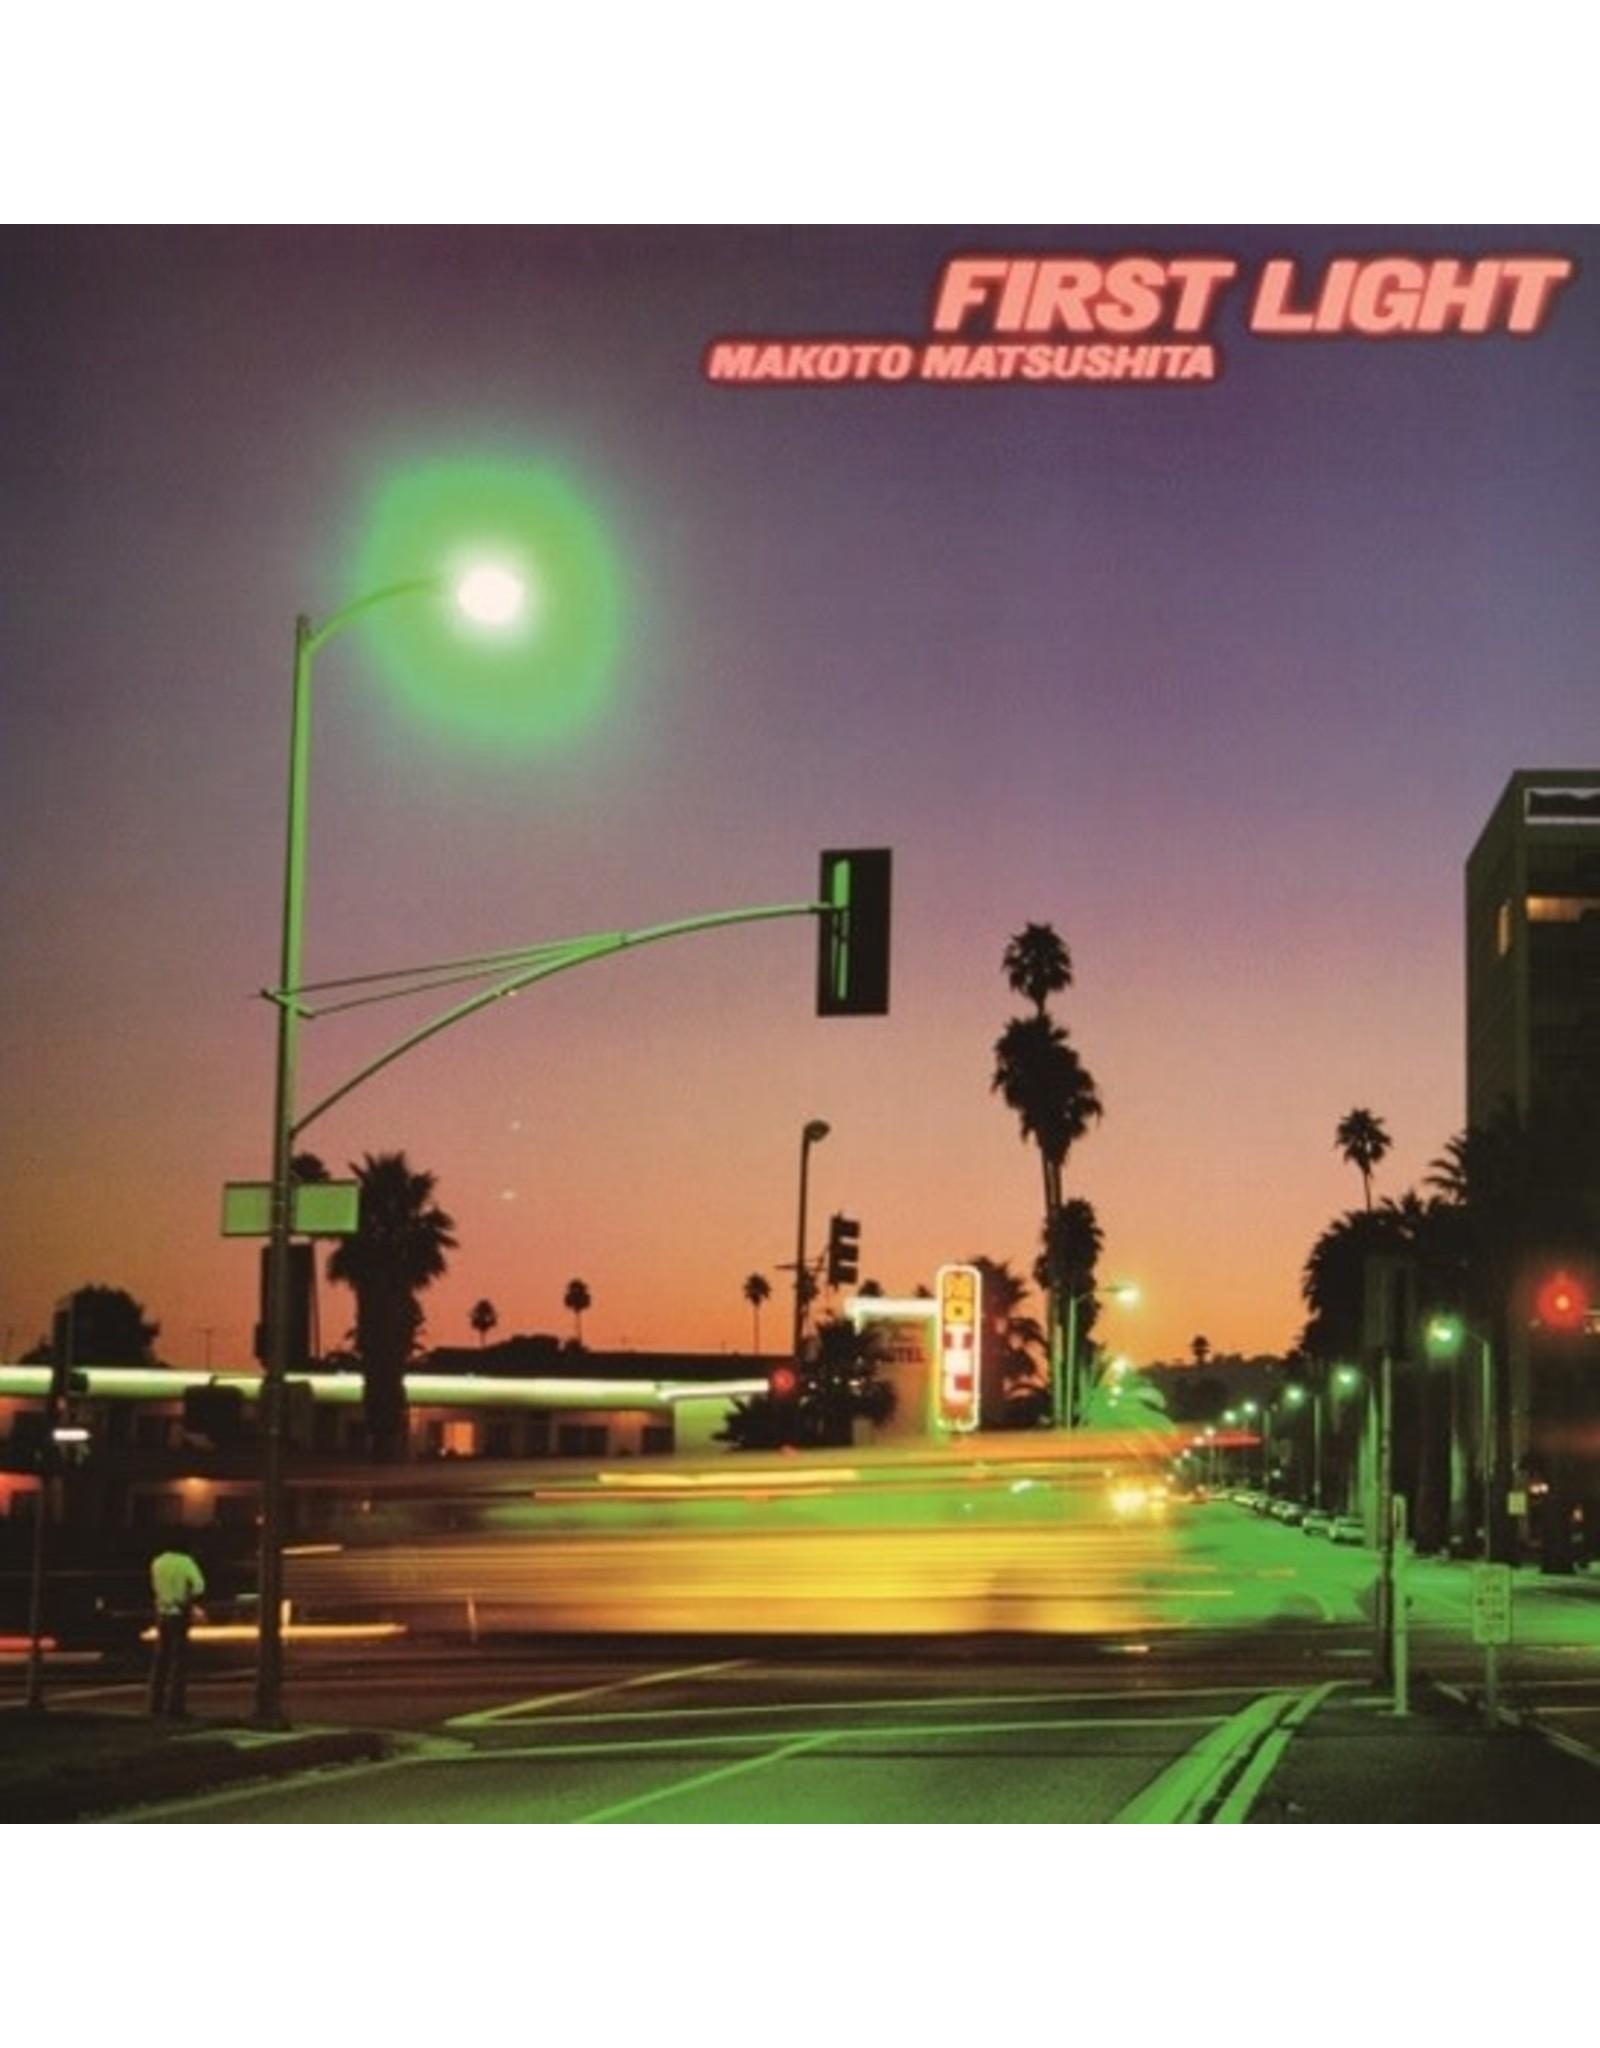 Warner Matsushita, Makoto: First Light LP